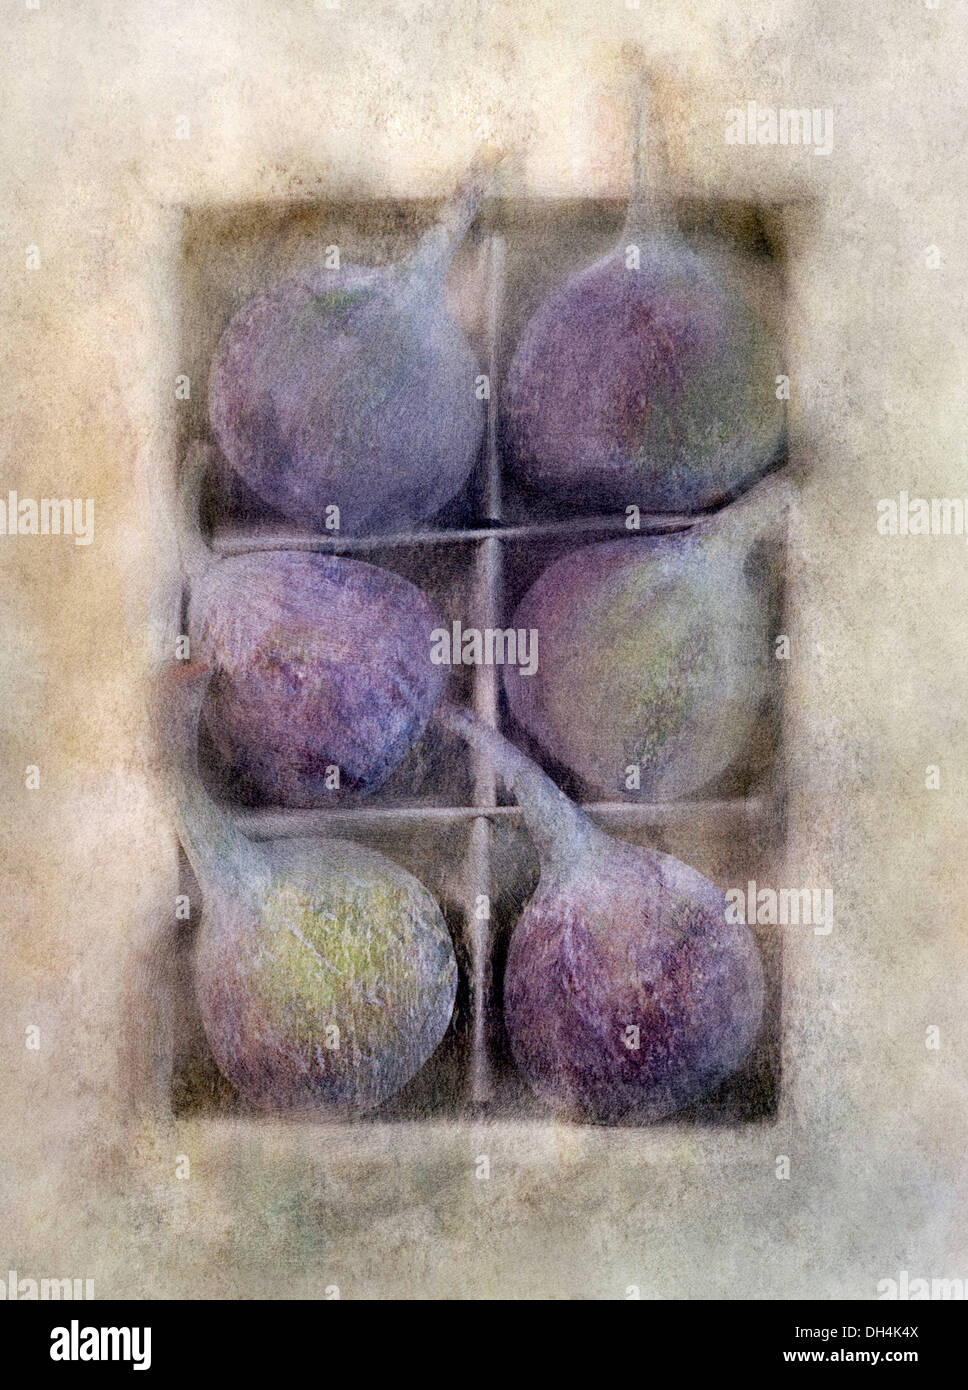 Fig Ficus carica. Manipolati digitalmente immagine della scatola di sei figure contro ammorbidito in sordina creando sfondo immagine effetto. Immagini Stock